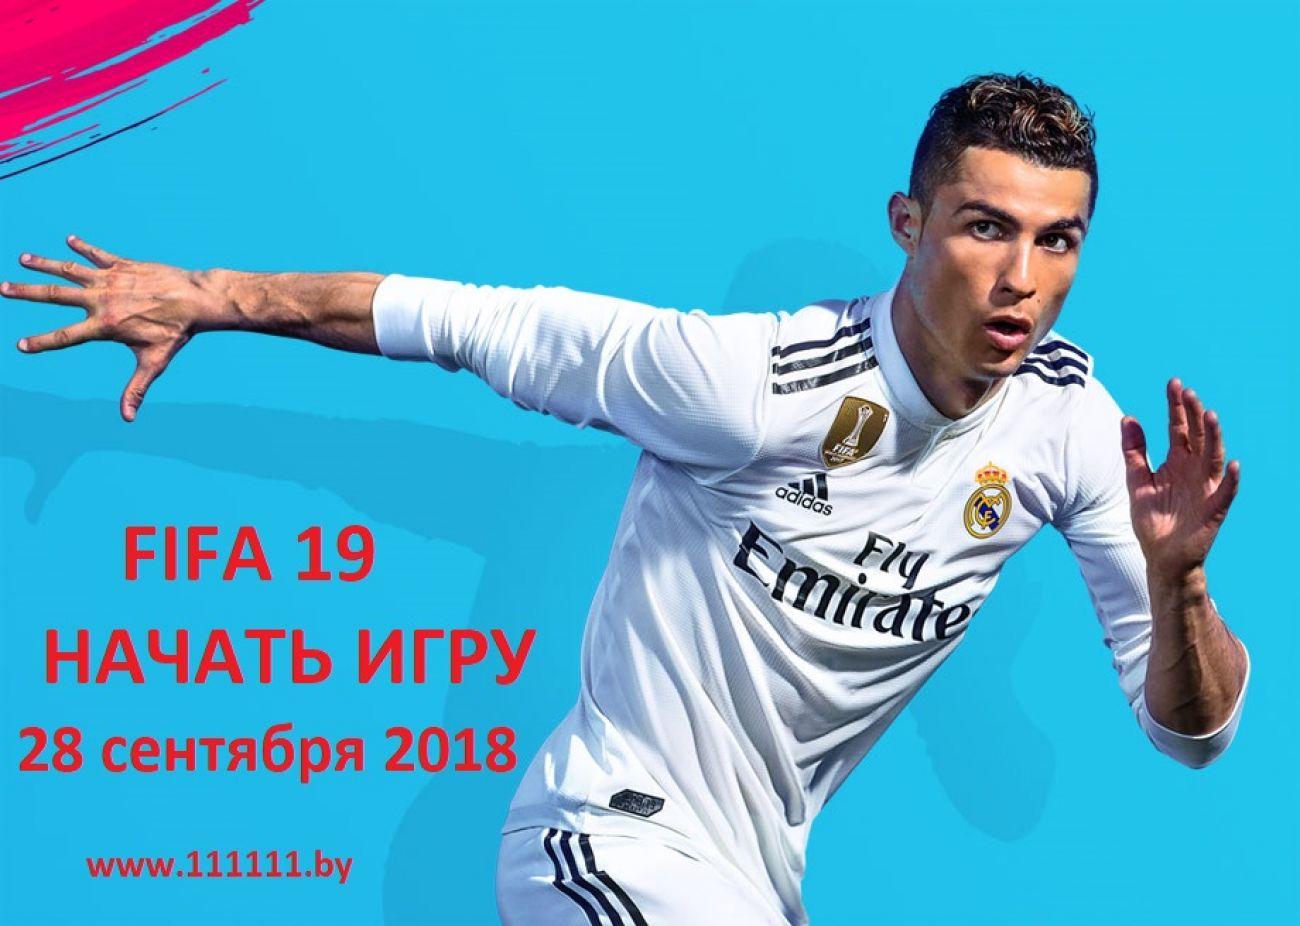 FIFA 19 PS4 / для Playstation 4           НАЧАТЬ ИГРУ 28 сентября 2018